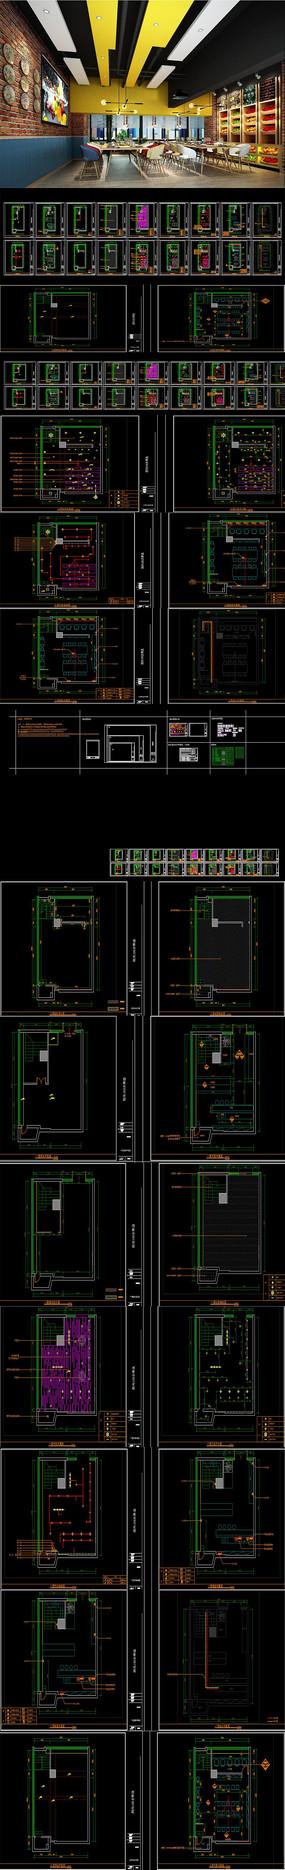 水果超市CAD施工图 效果图